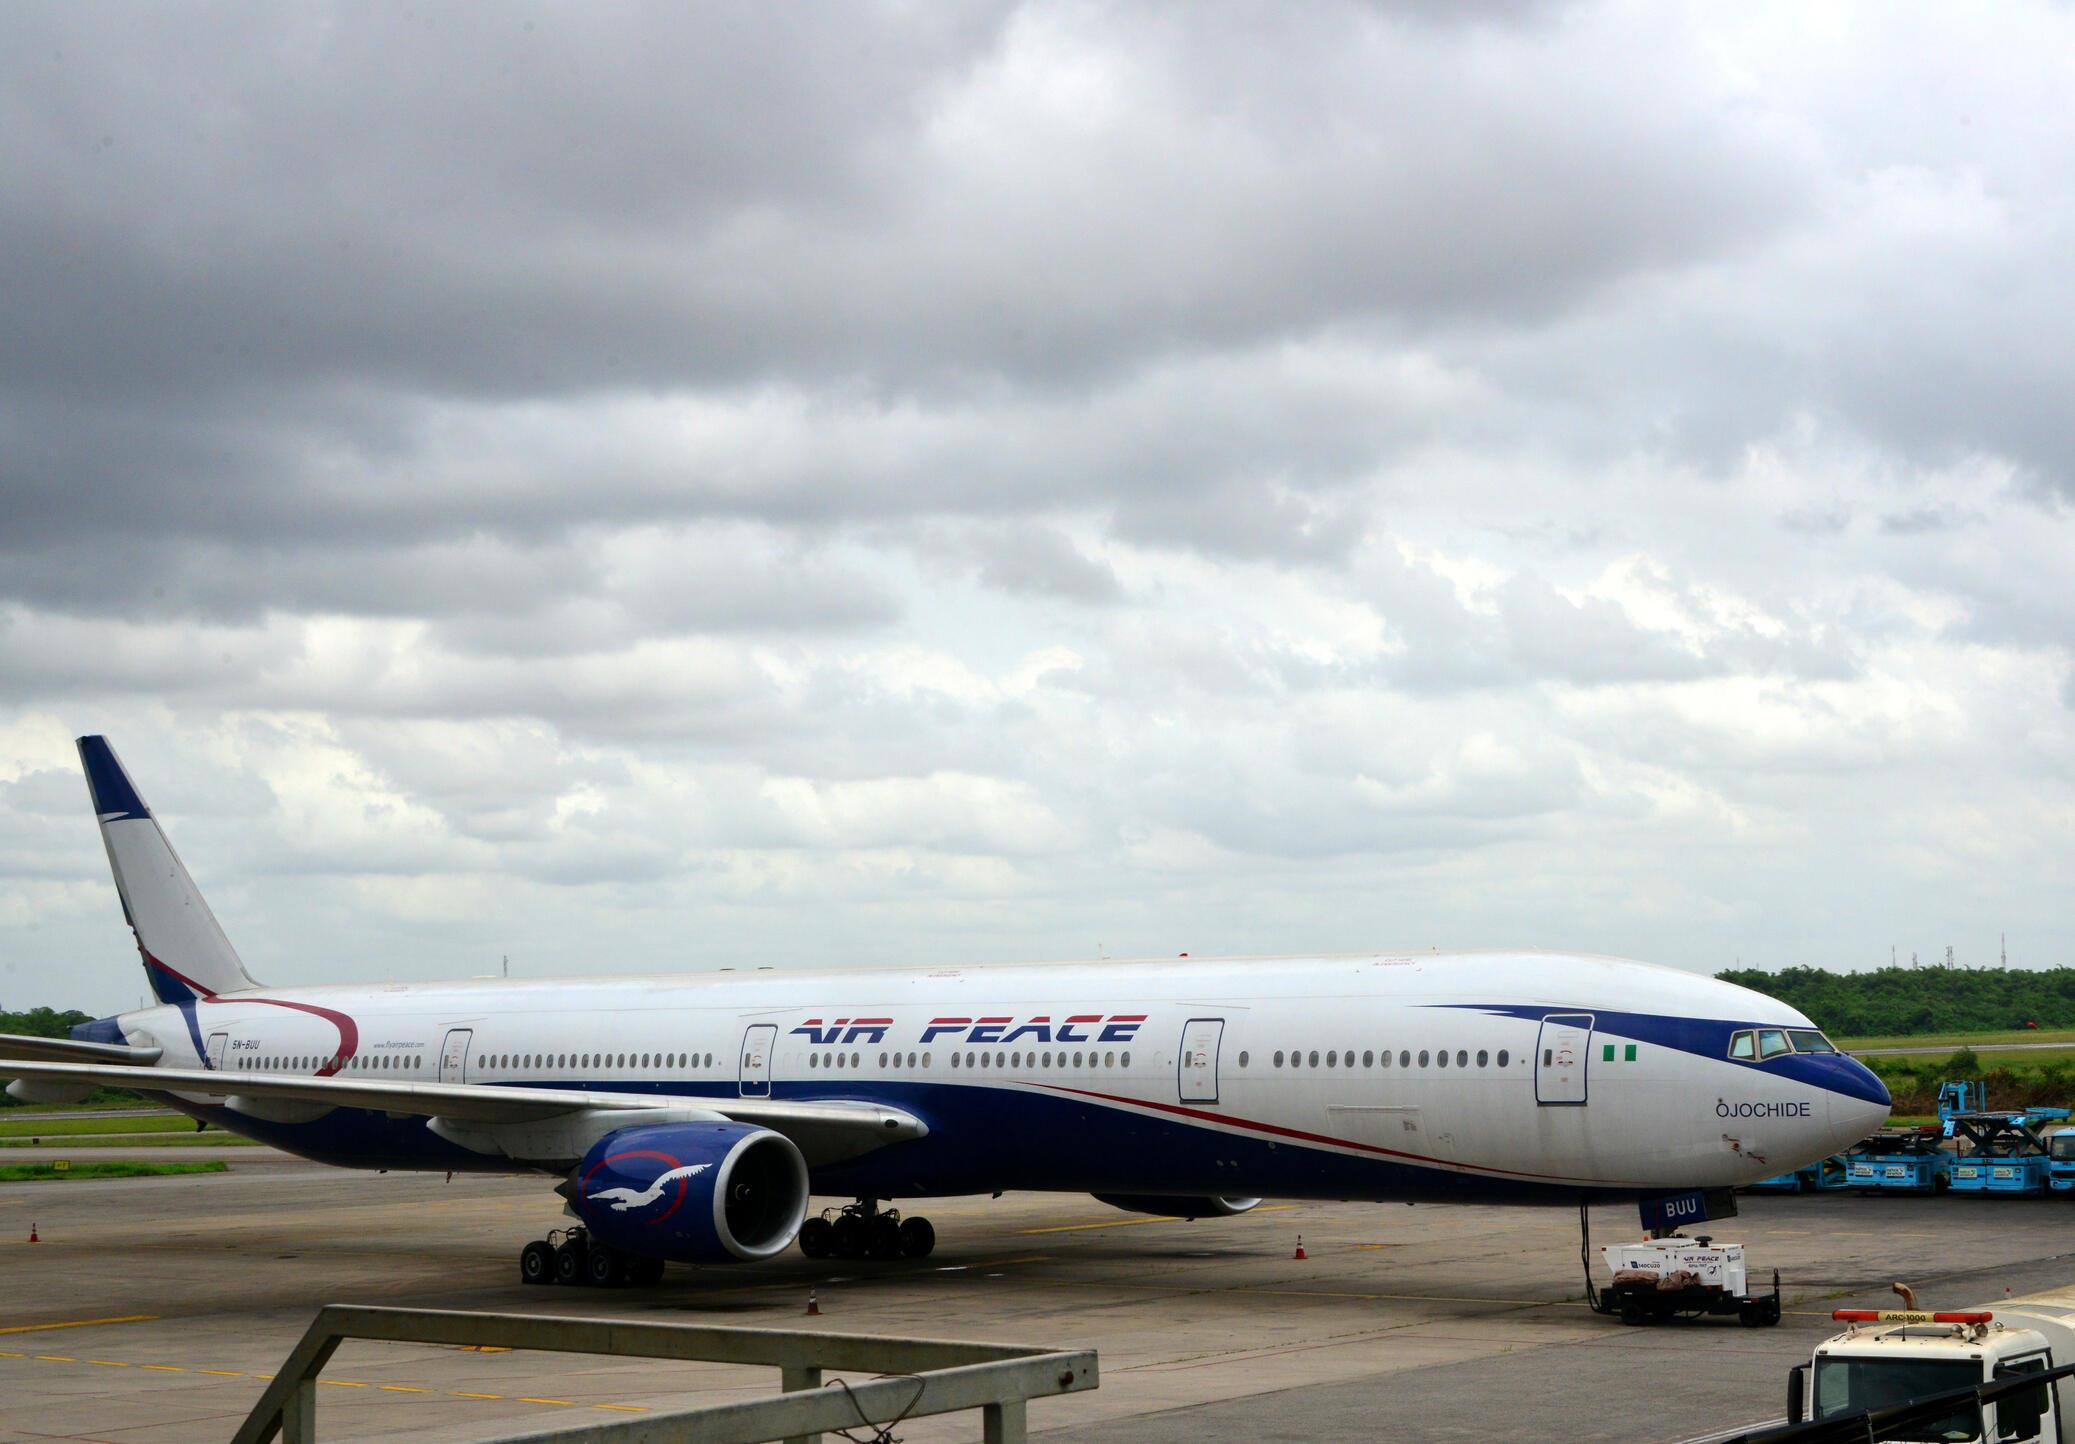 Avião da companhia aérea nigeriana Air Peace, que levará os cidadãos da Nigéria de volta ao país.